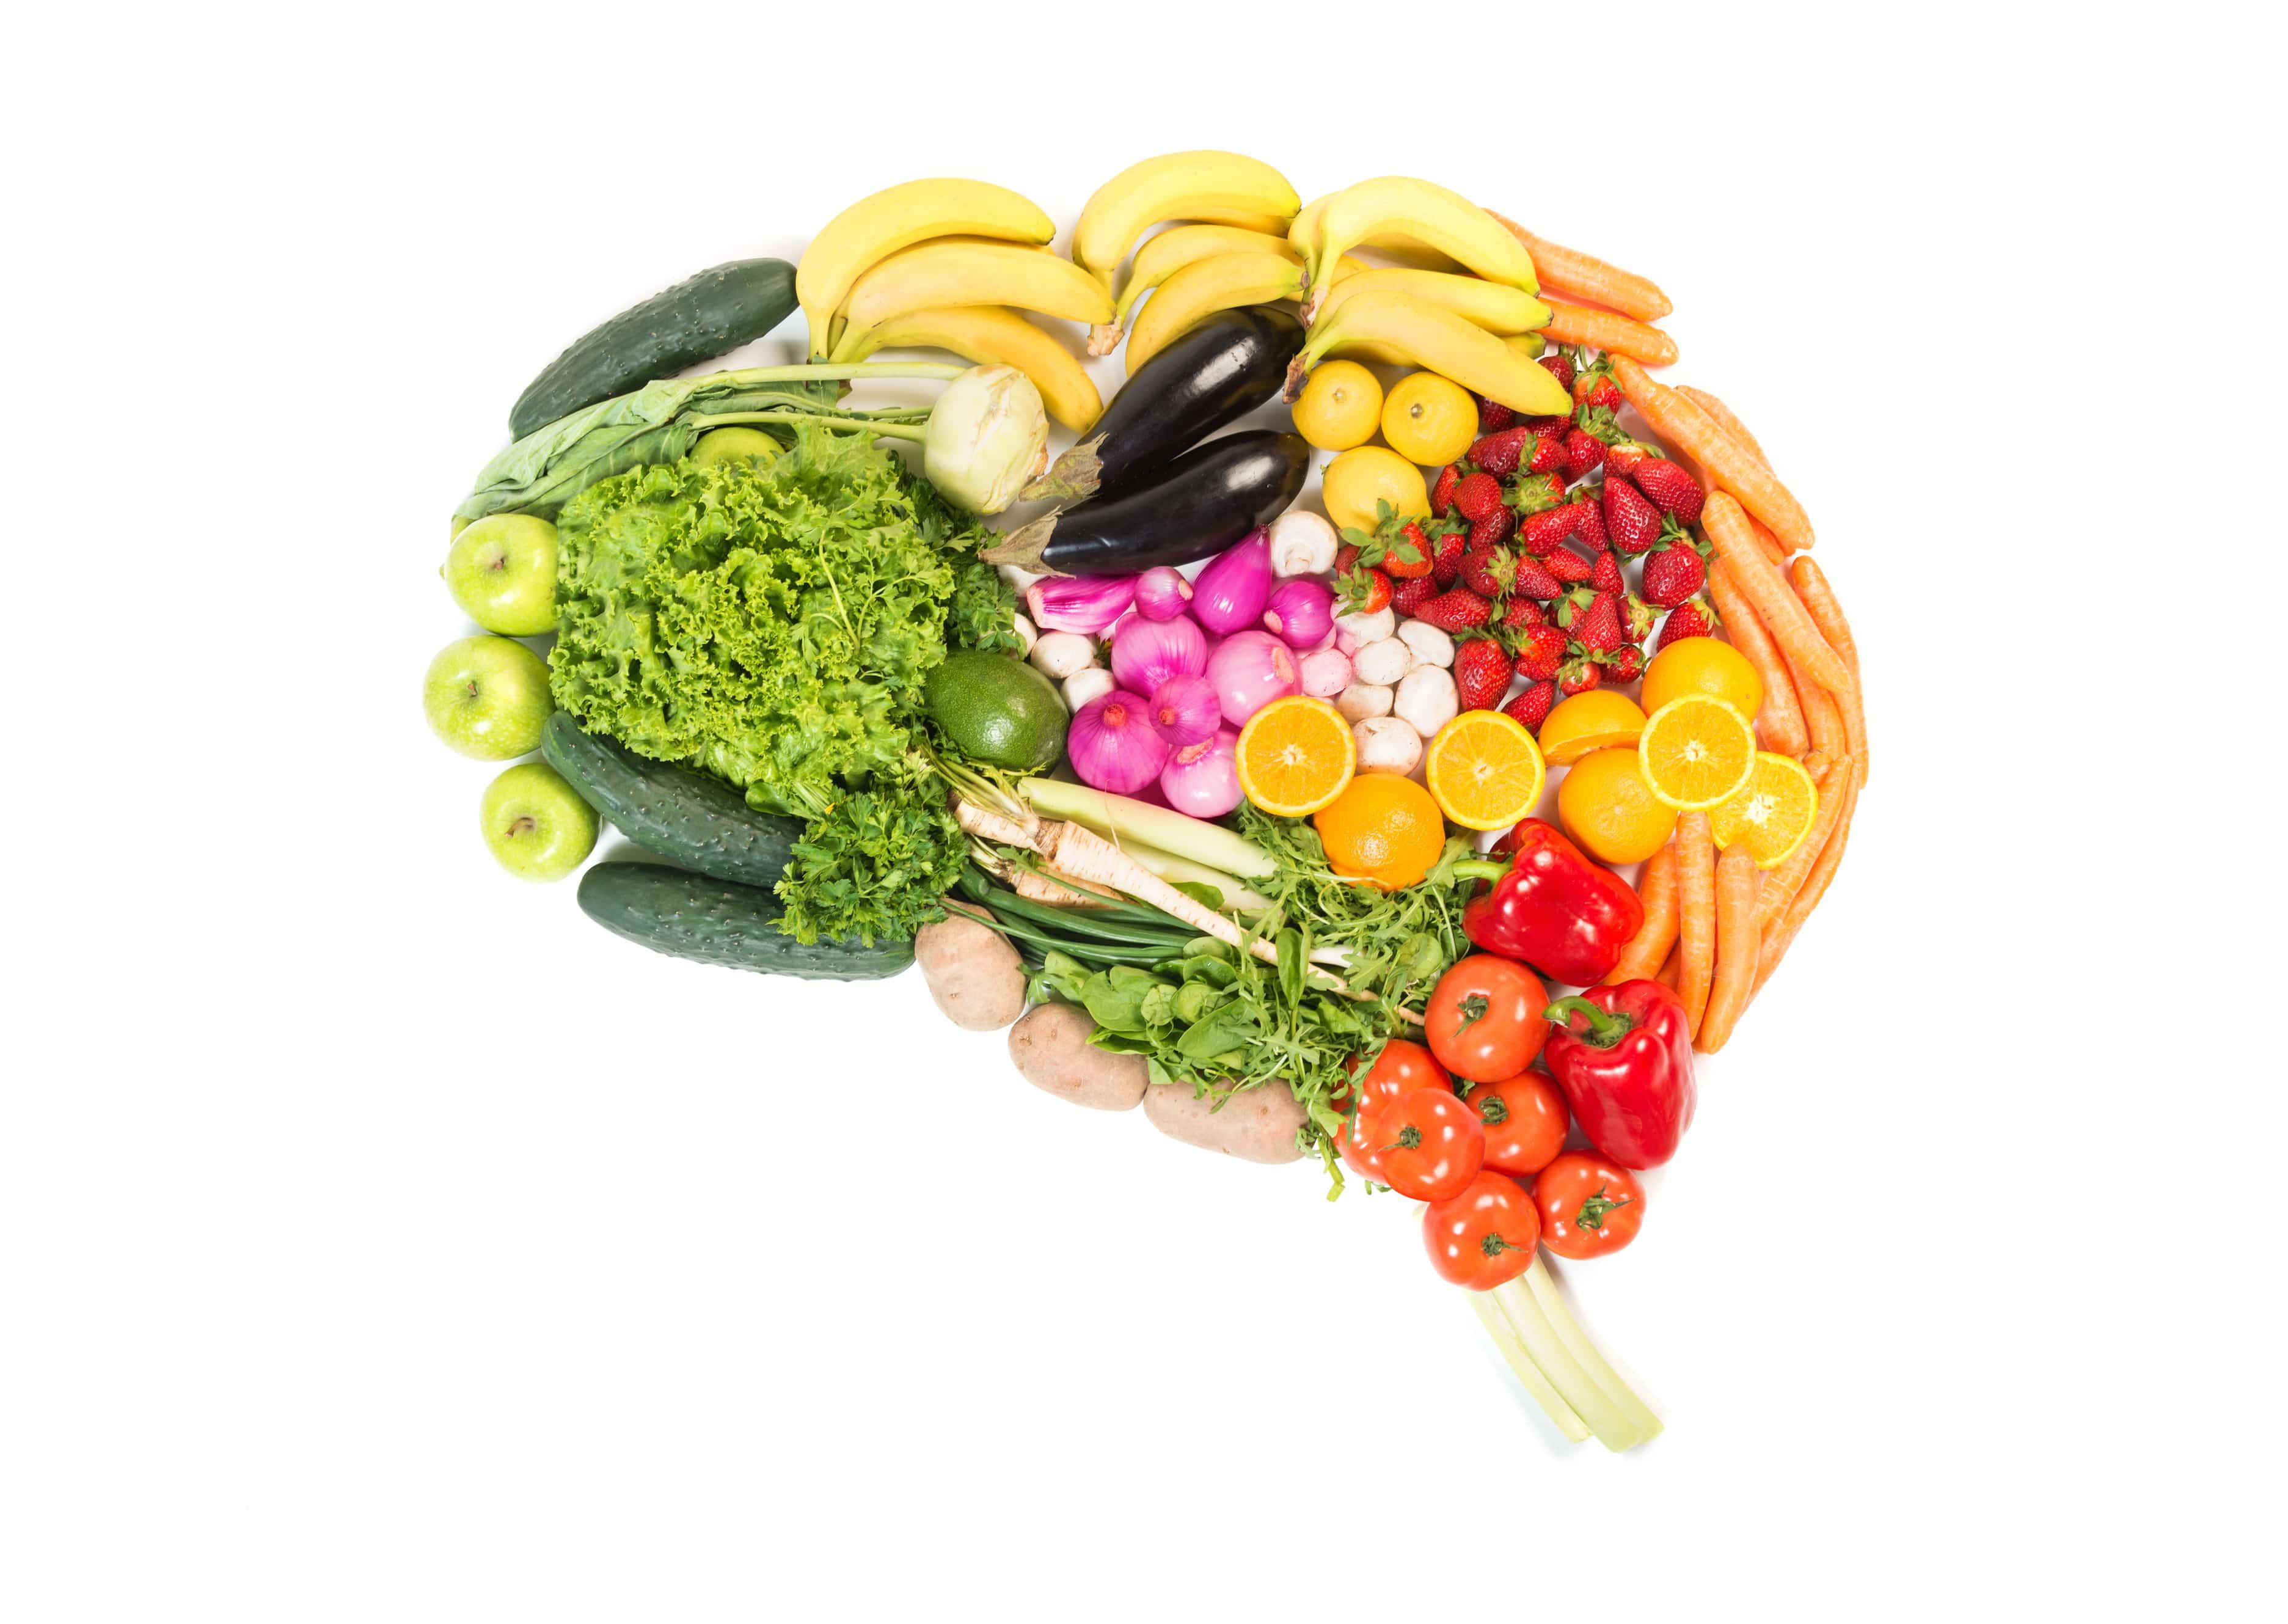 Fruit and Veg Mindset